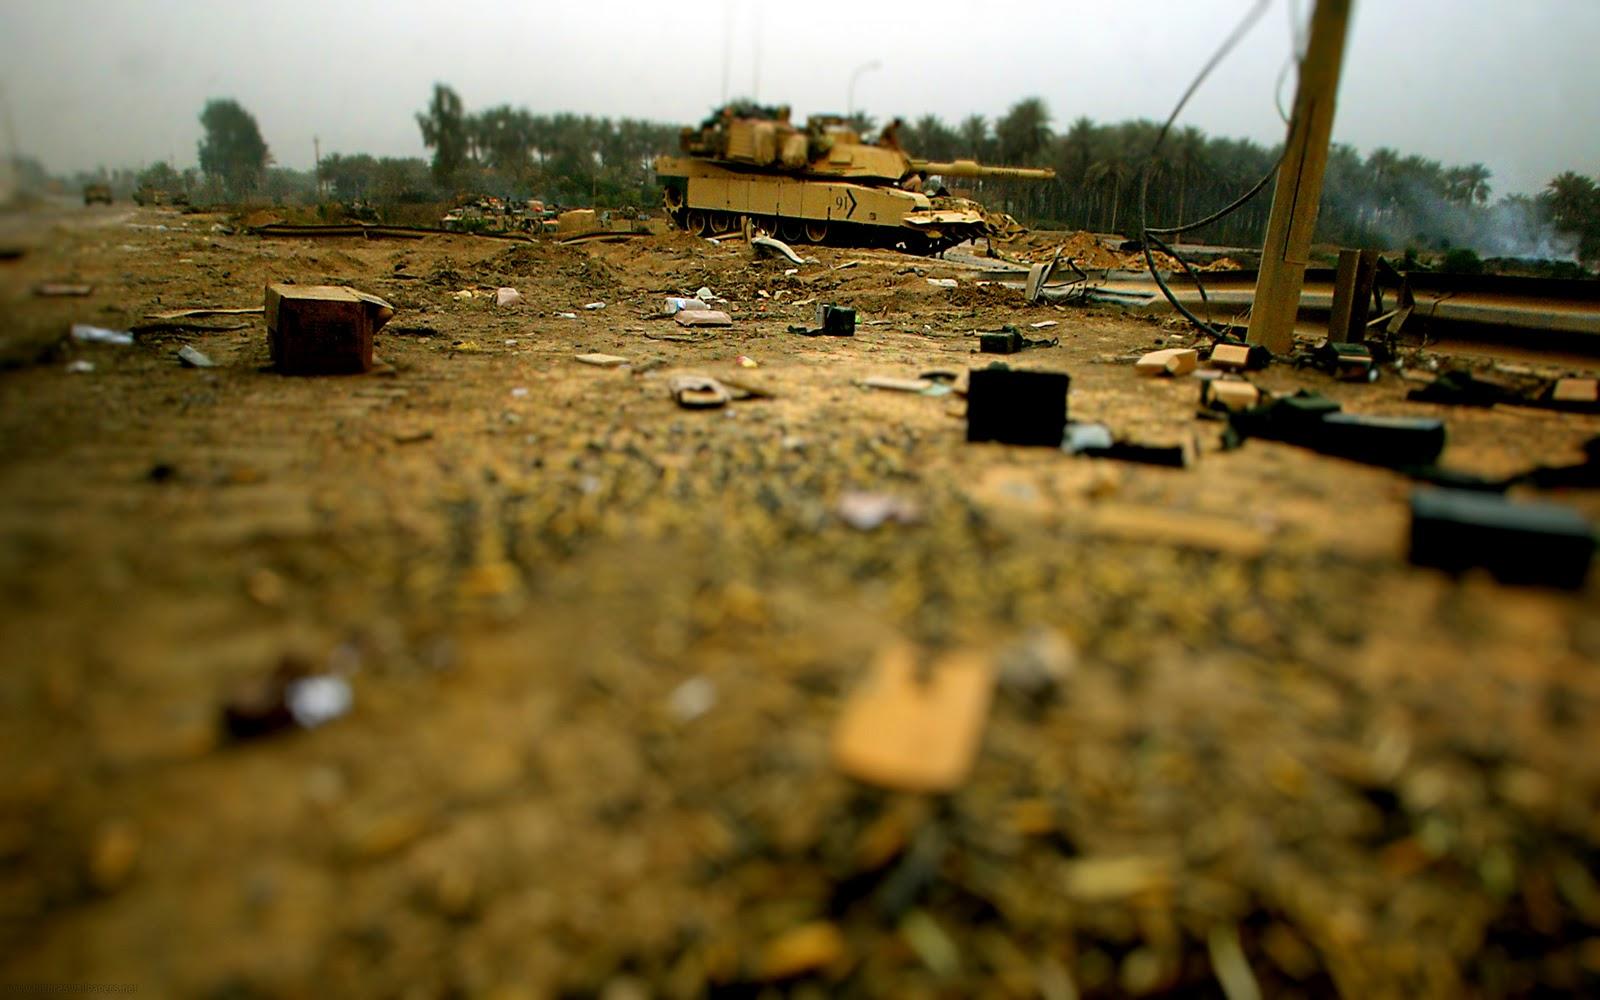 http://4.bp.blogspot.com/-LxEN6YNe2Uk/Tv-AIQDdzsI/AAAAAAAABPc/KFdzlGMF-eg/s1600/Guns+Wallpaper+%252842%2529.jpg